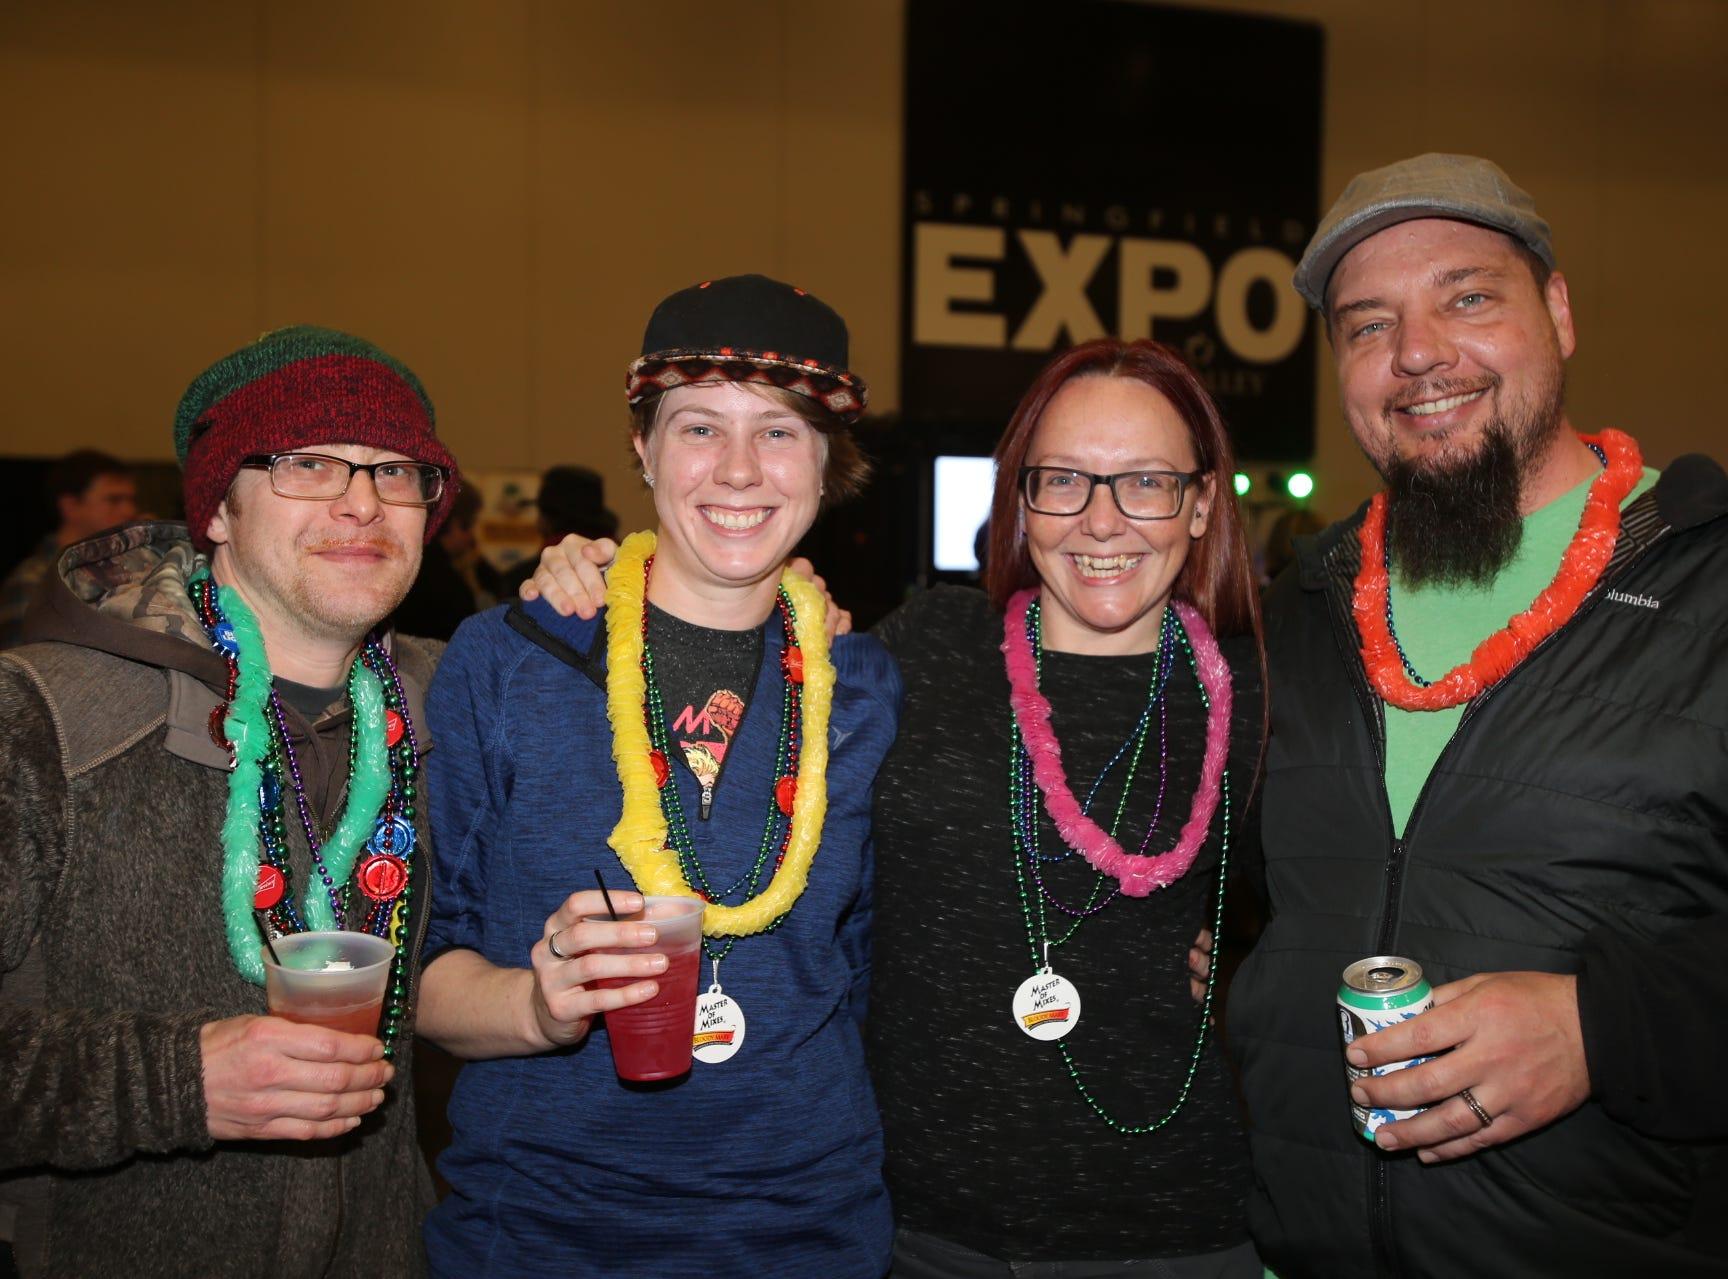 Jeremy Depriese, Amanda Wyatt, Sara Eisenhauser, and Brian Keener